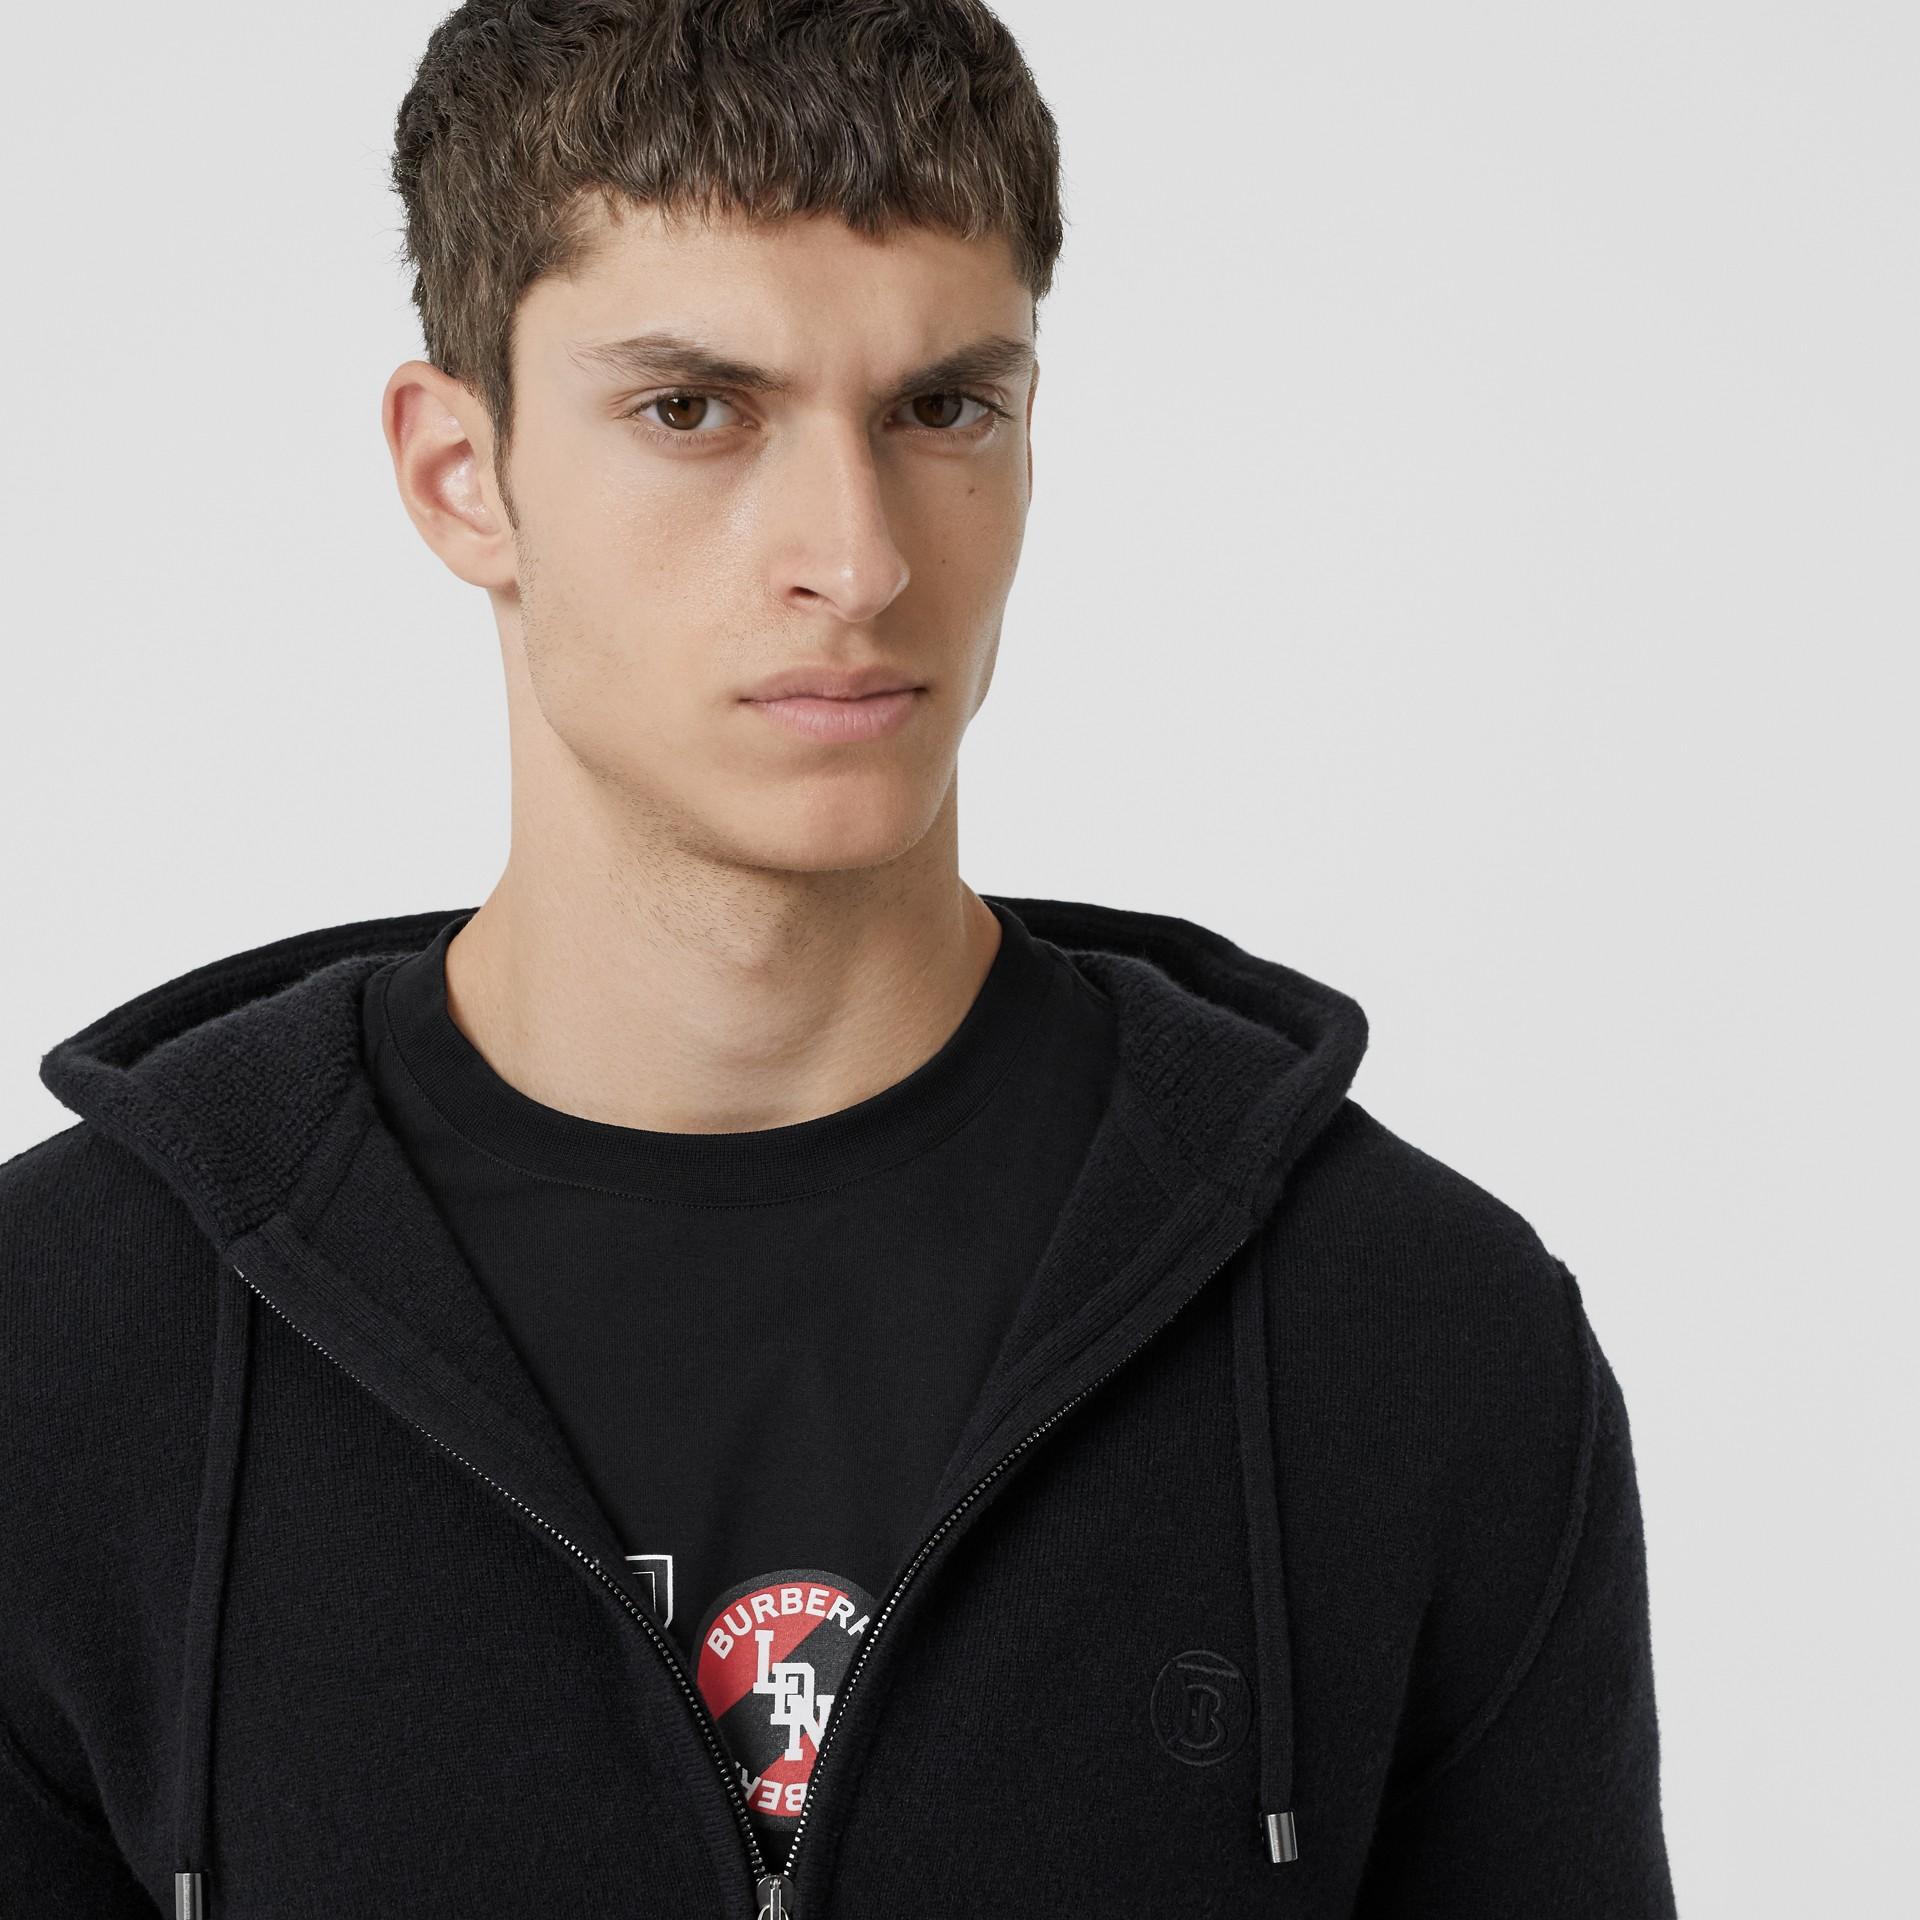 Haut à capuche en cachemire mélangé Monogram (Noir) - Homme | Burberry - photo de la galerie 1